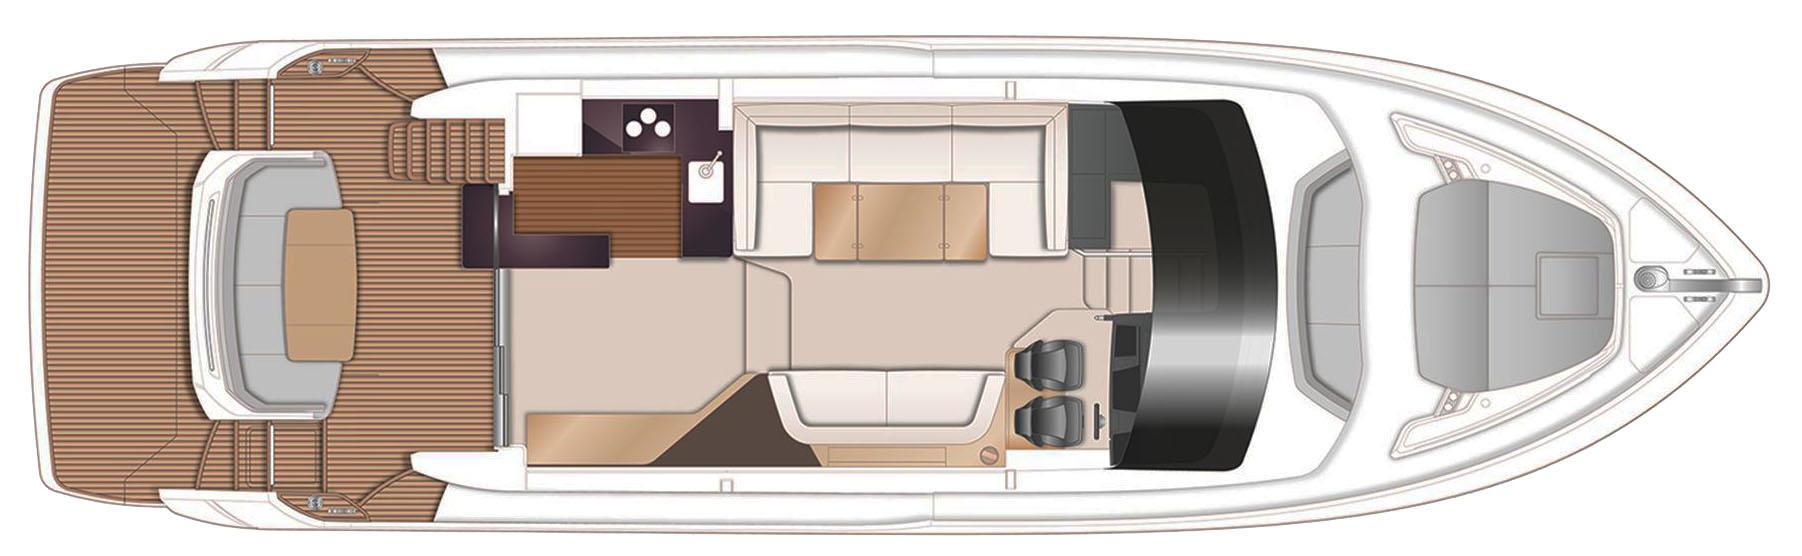 F55 Floor Plan 2